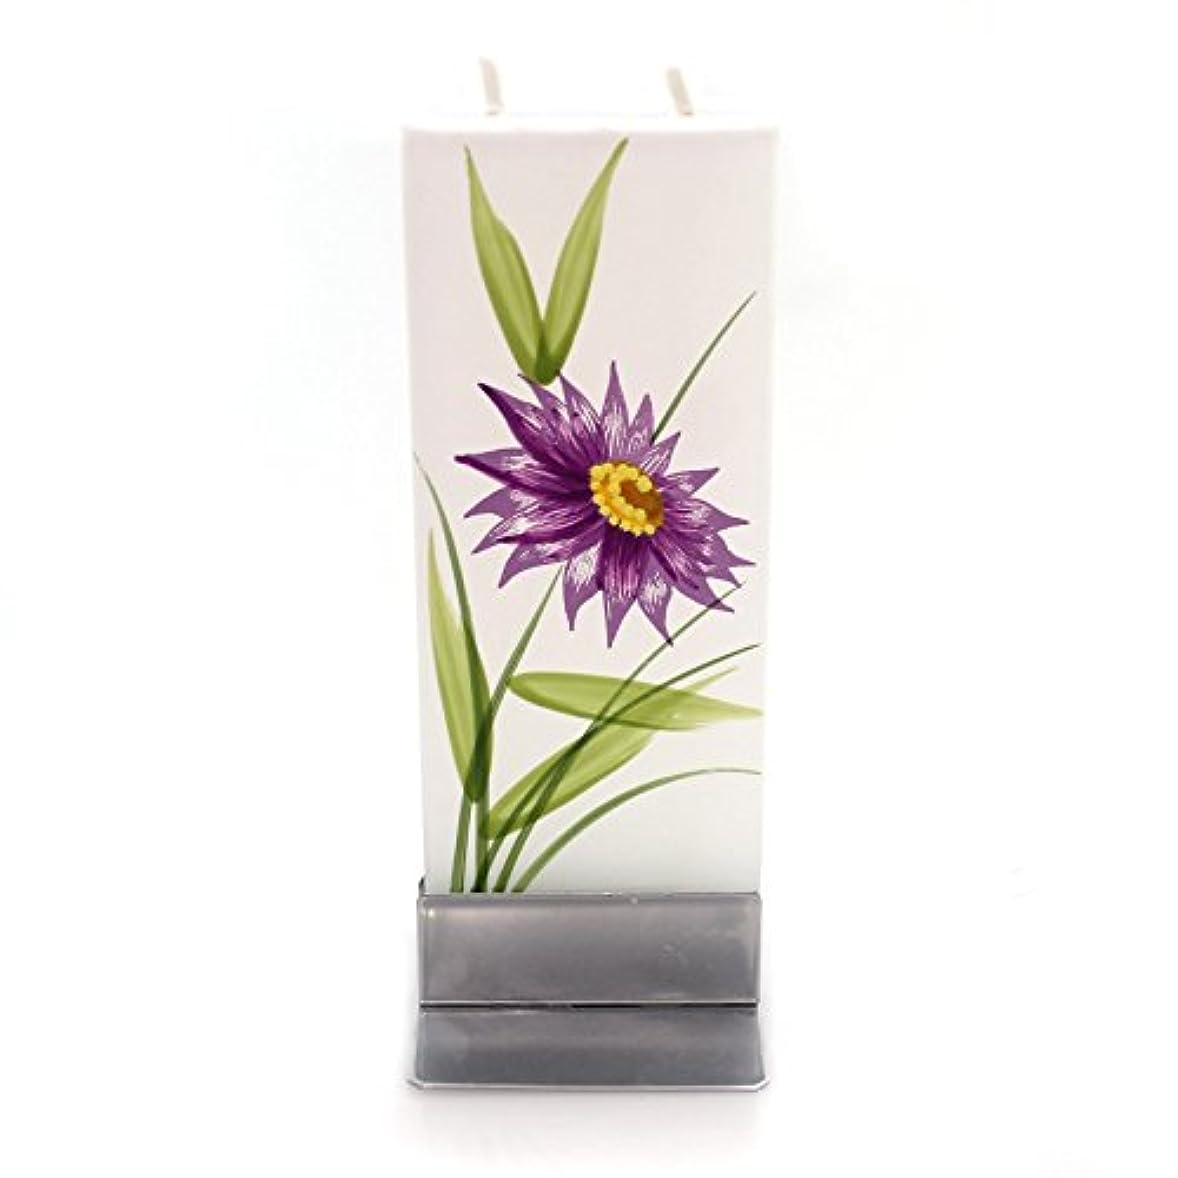 可愛い魔法クーポンホームデコレーションパープル花W /イエローCentre Dripless Fragrance Free Candle f1640